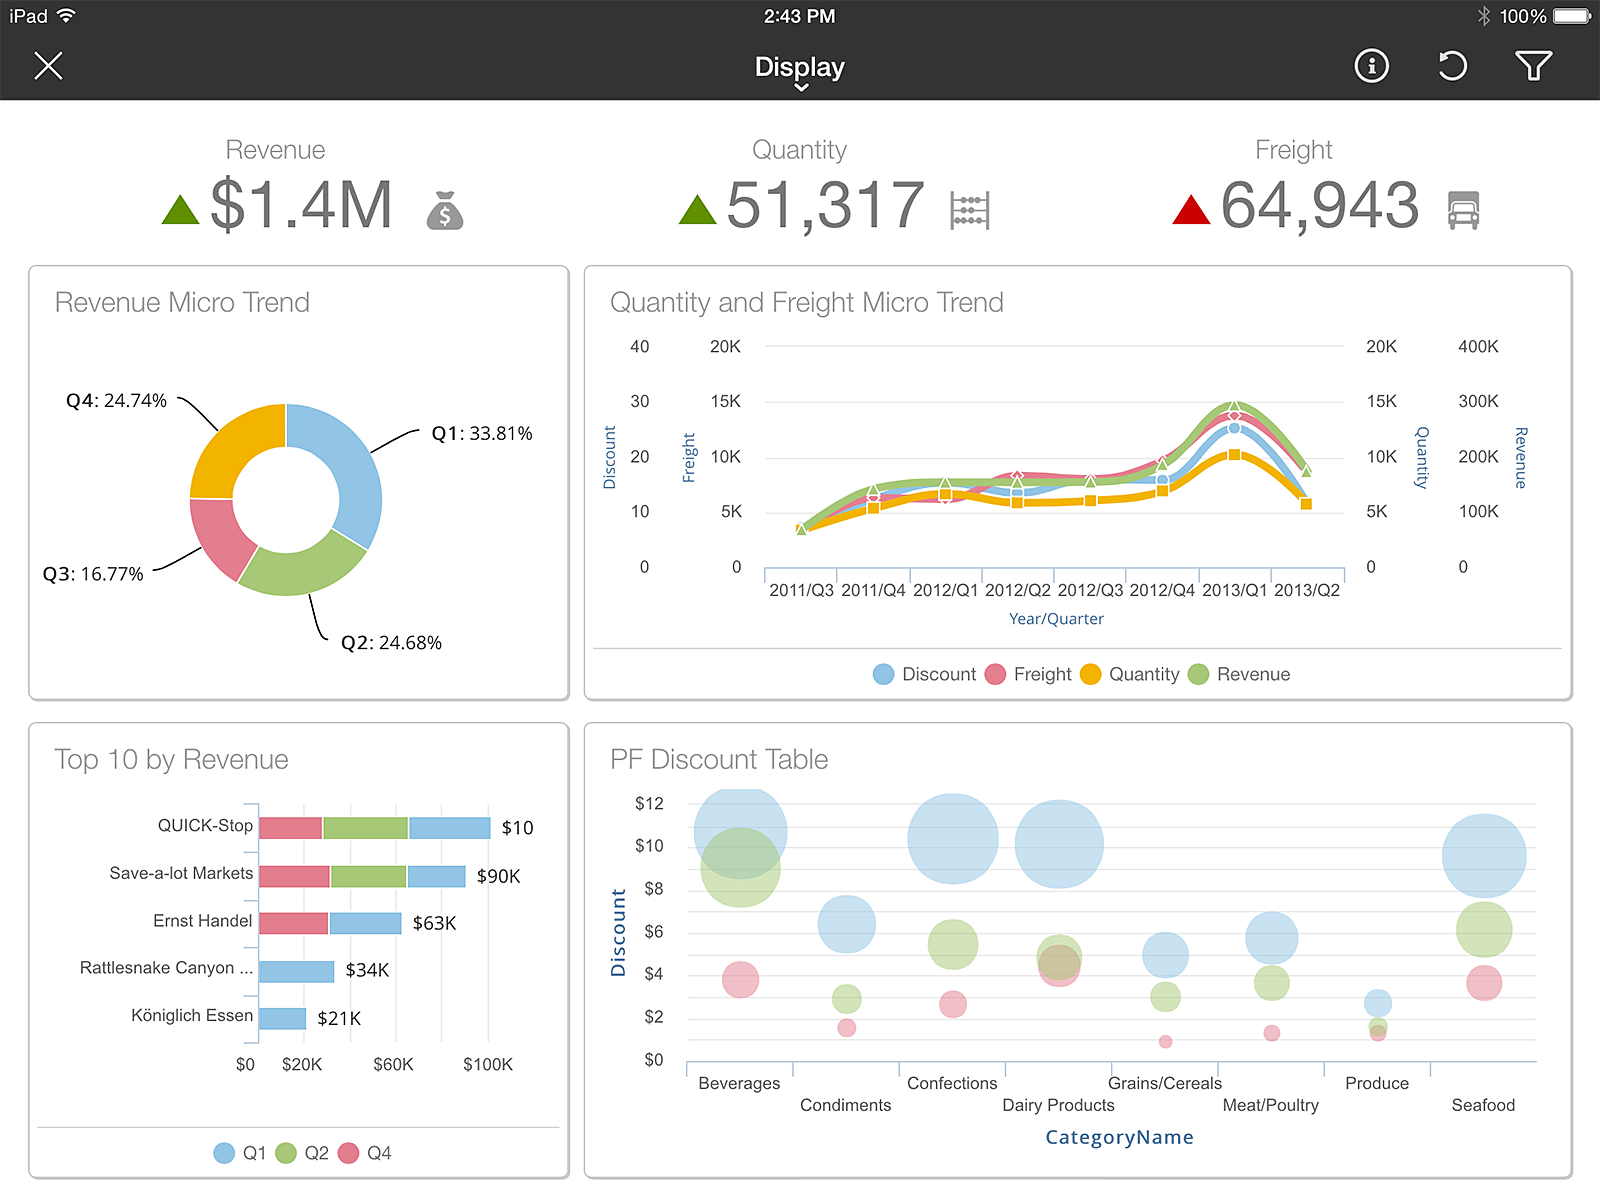 Infor Birst - Interactive dashboards